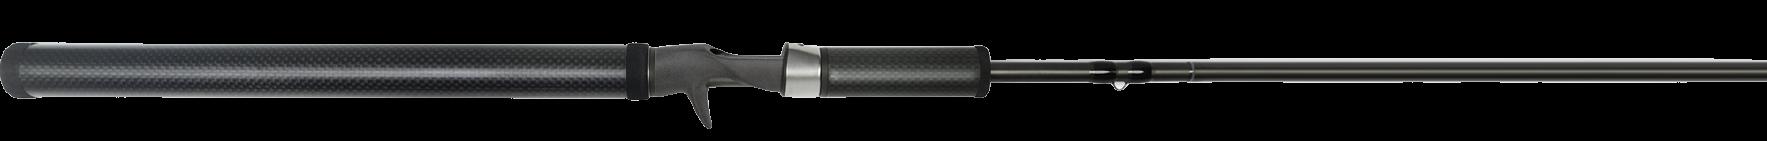 Douglas Outdoors Casting Rods Xmatrix Handle Carbon